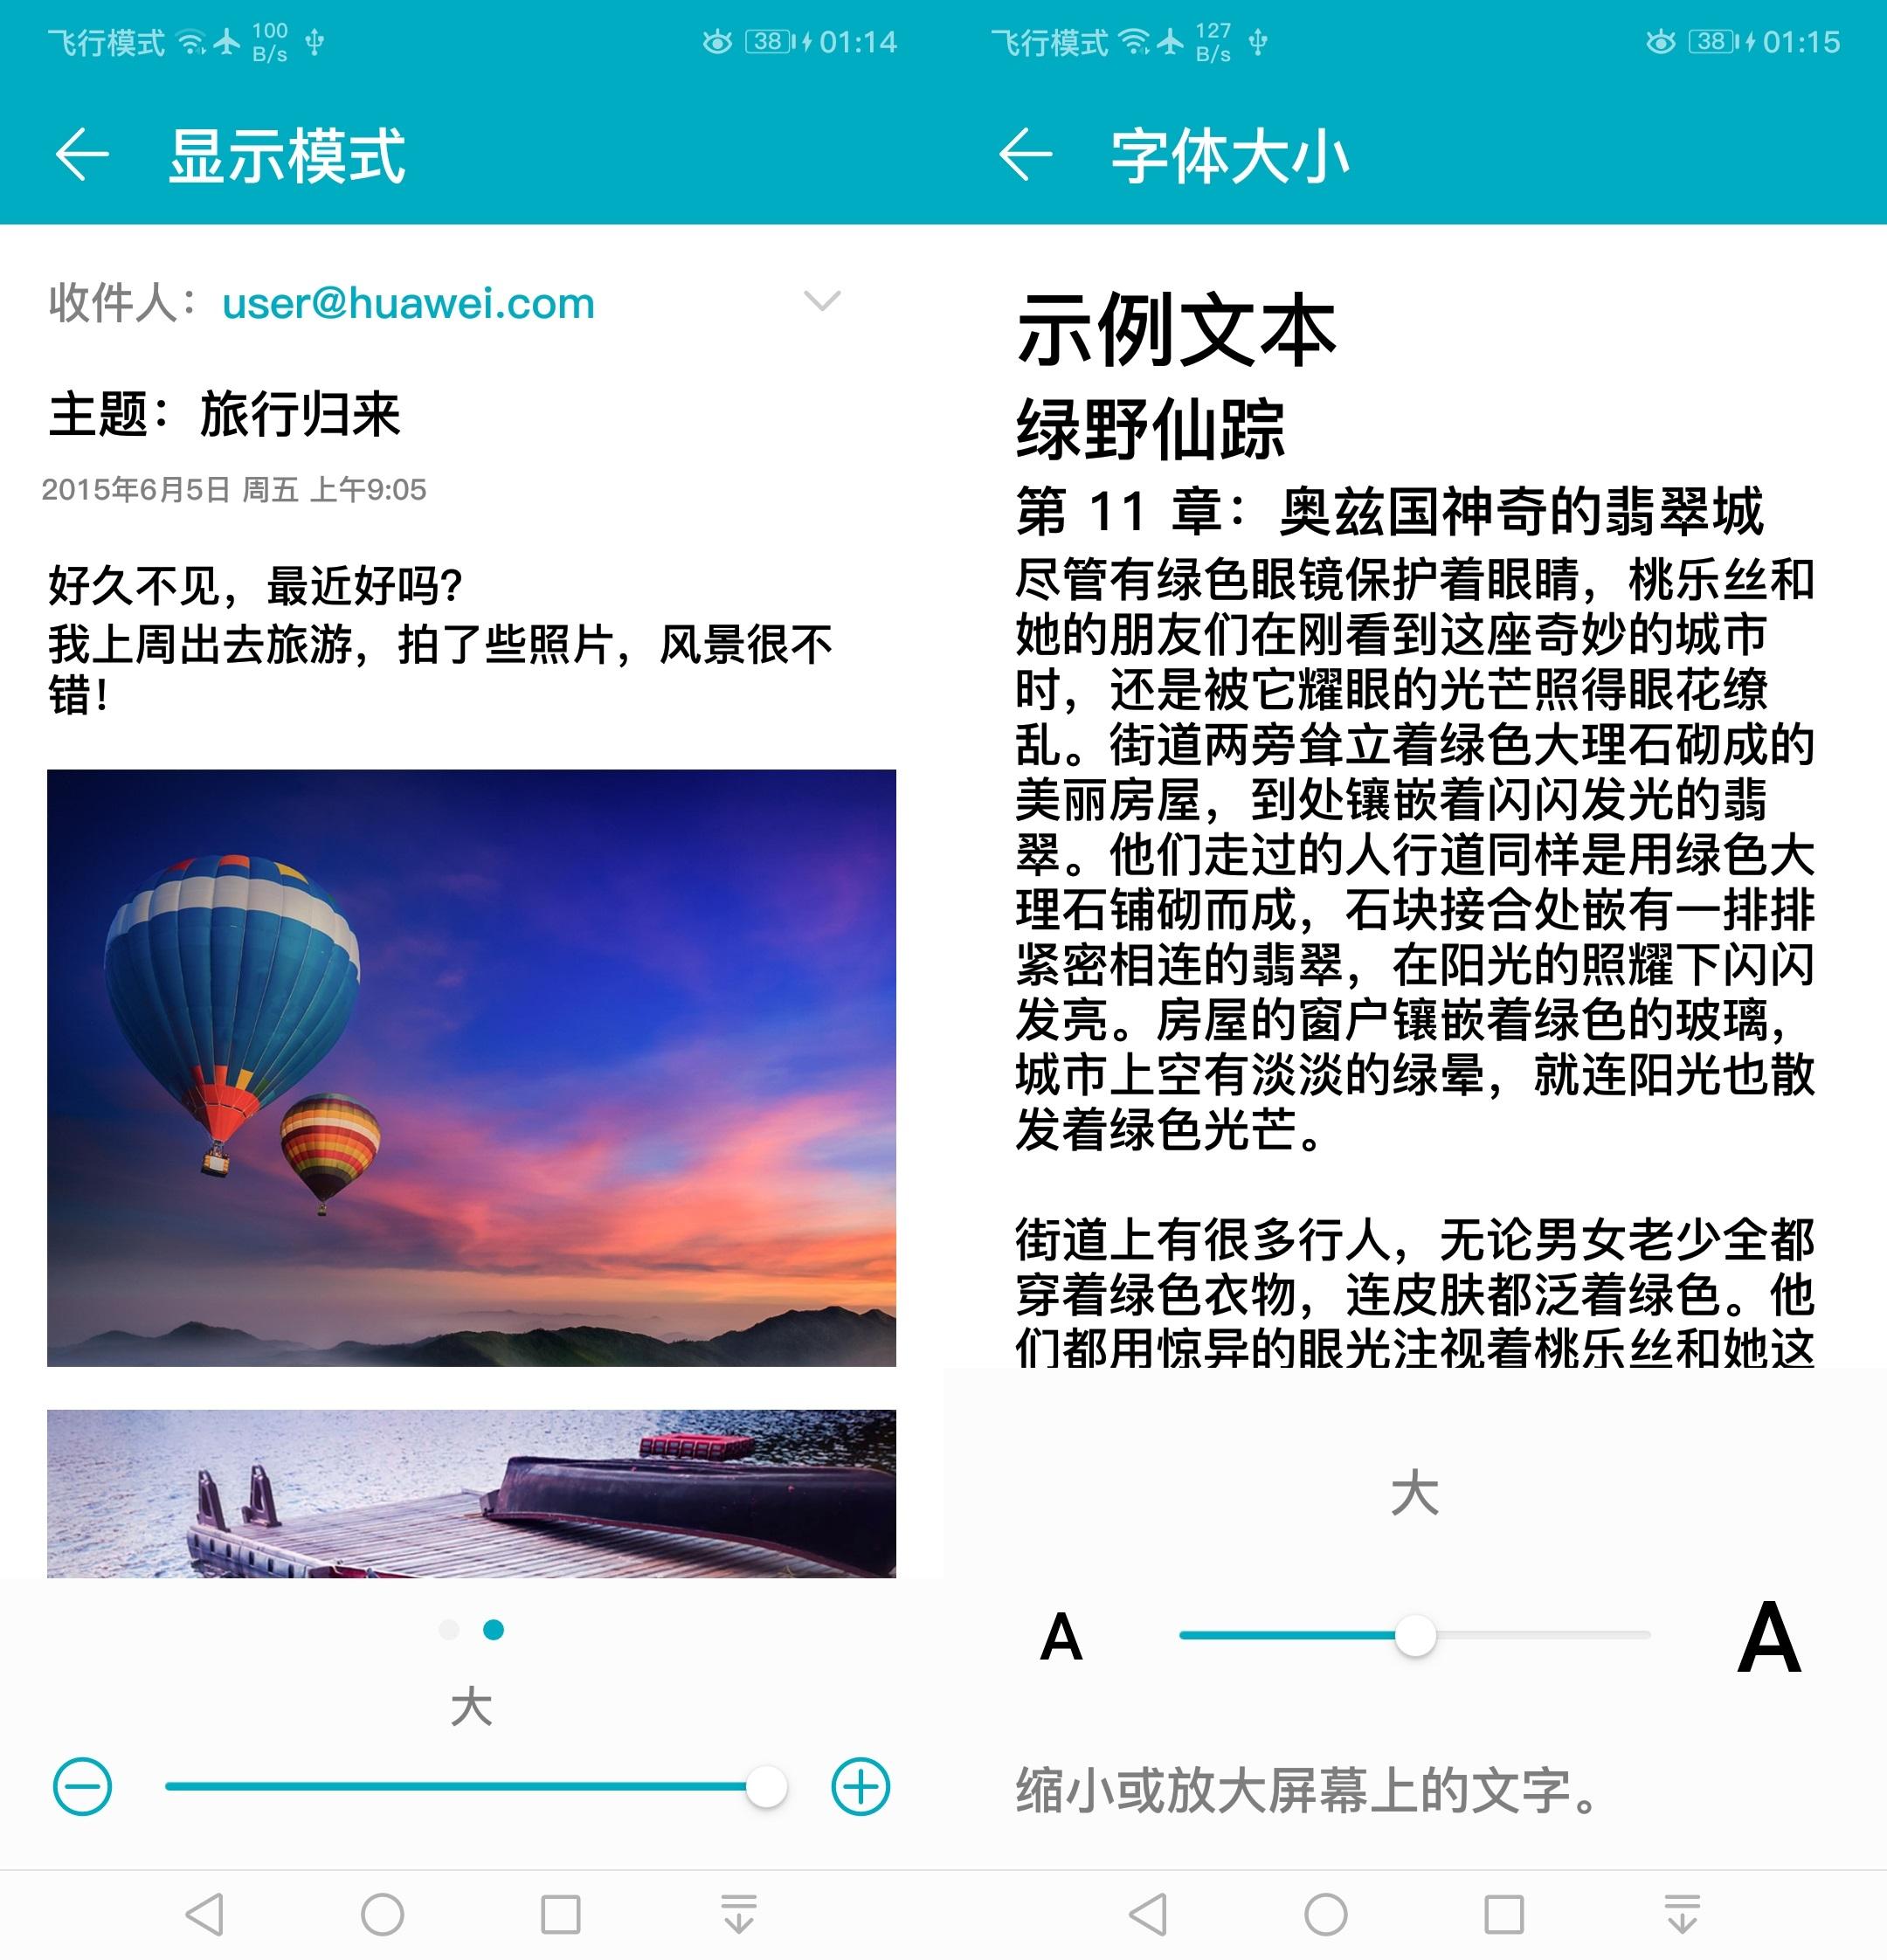 Screenshot_20181124-011458.jpg